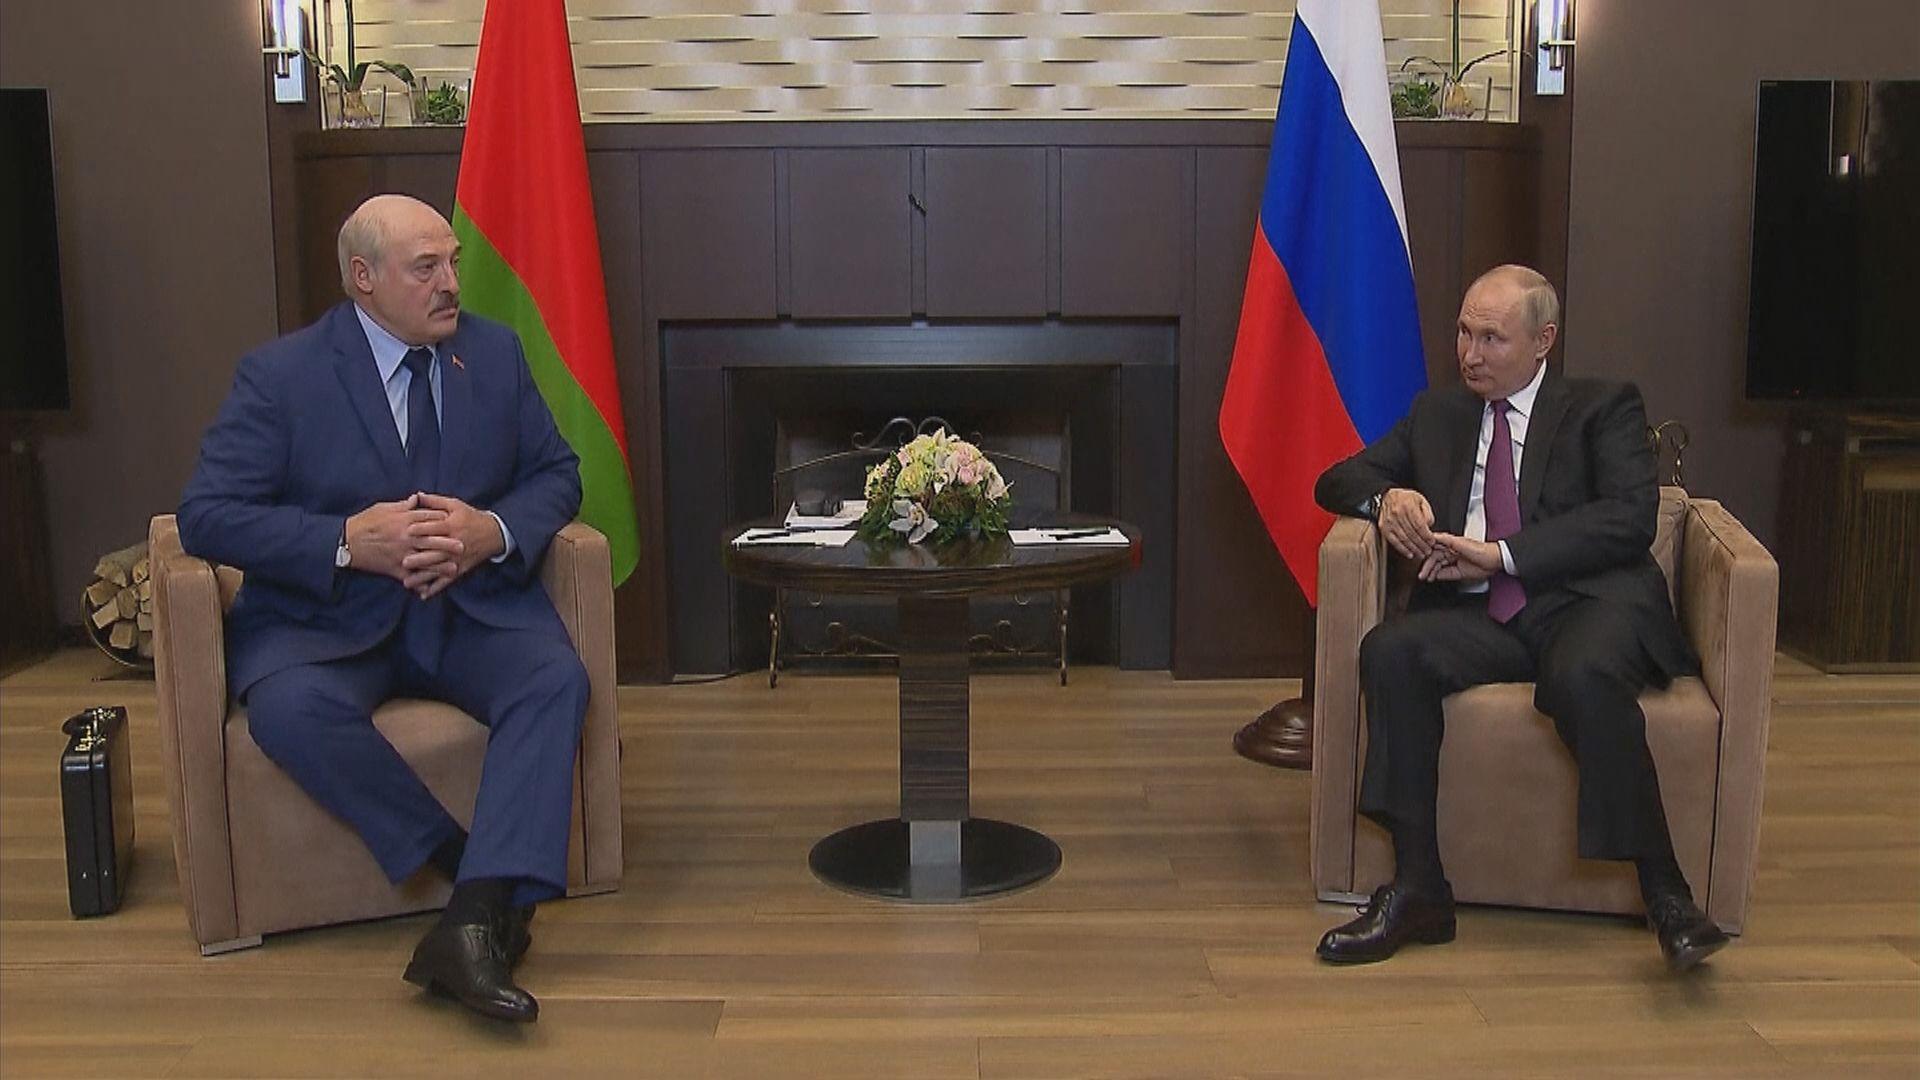 美國將恢復制裁九間白俄國企 擬制裁白俄官員